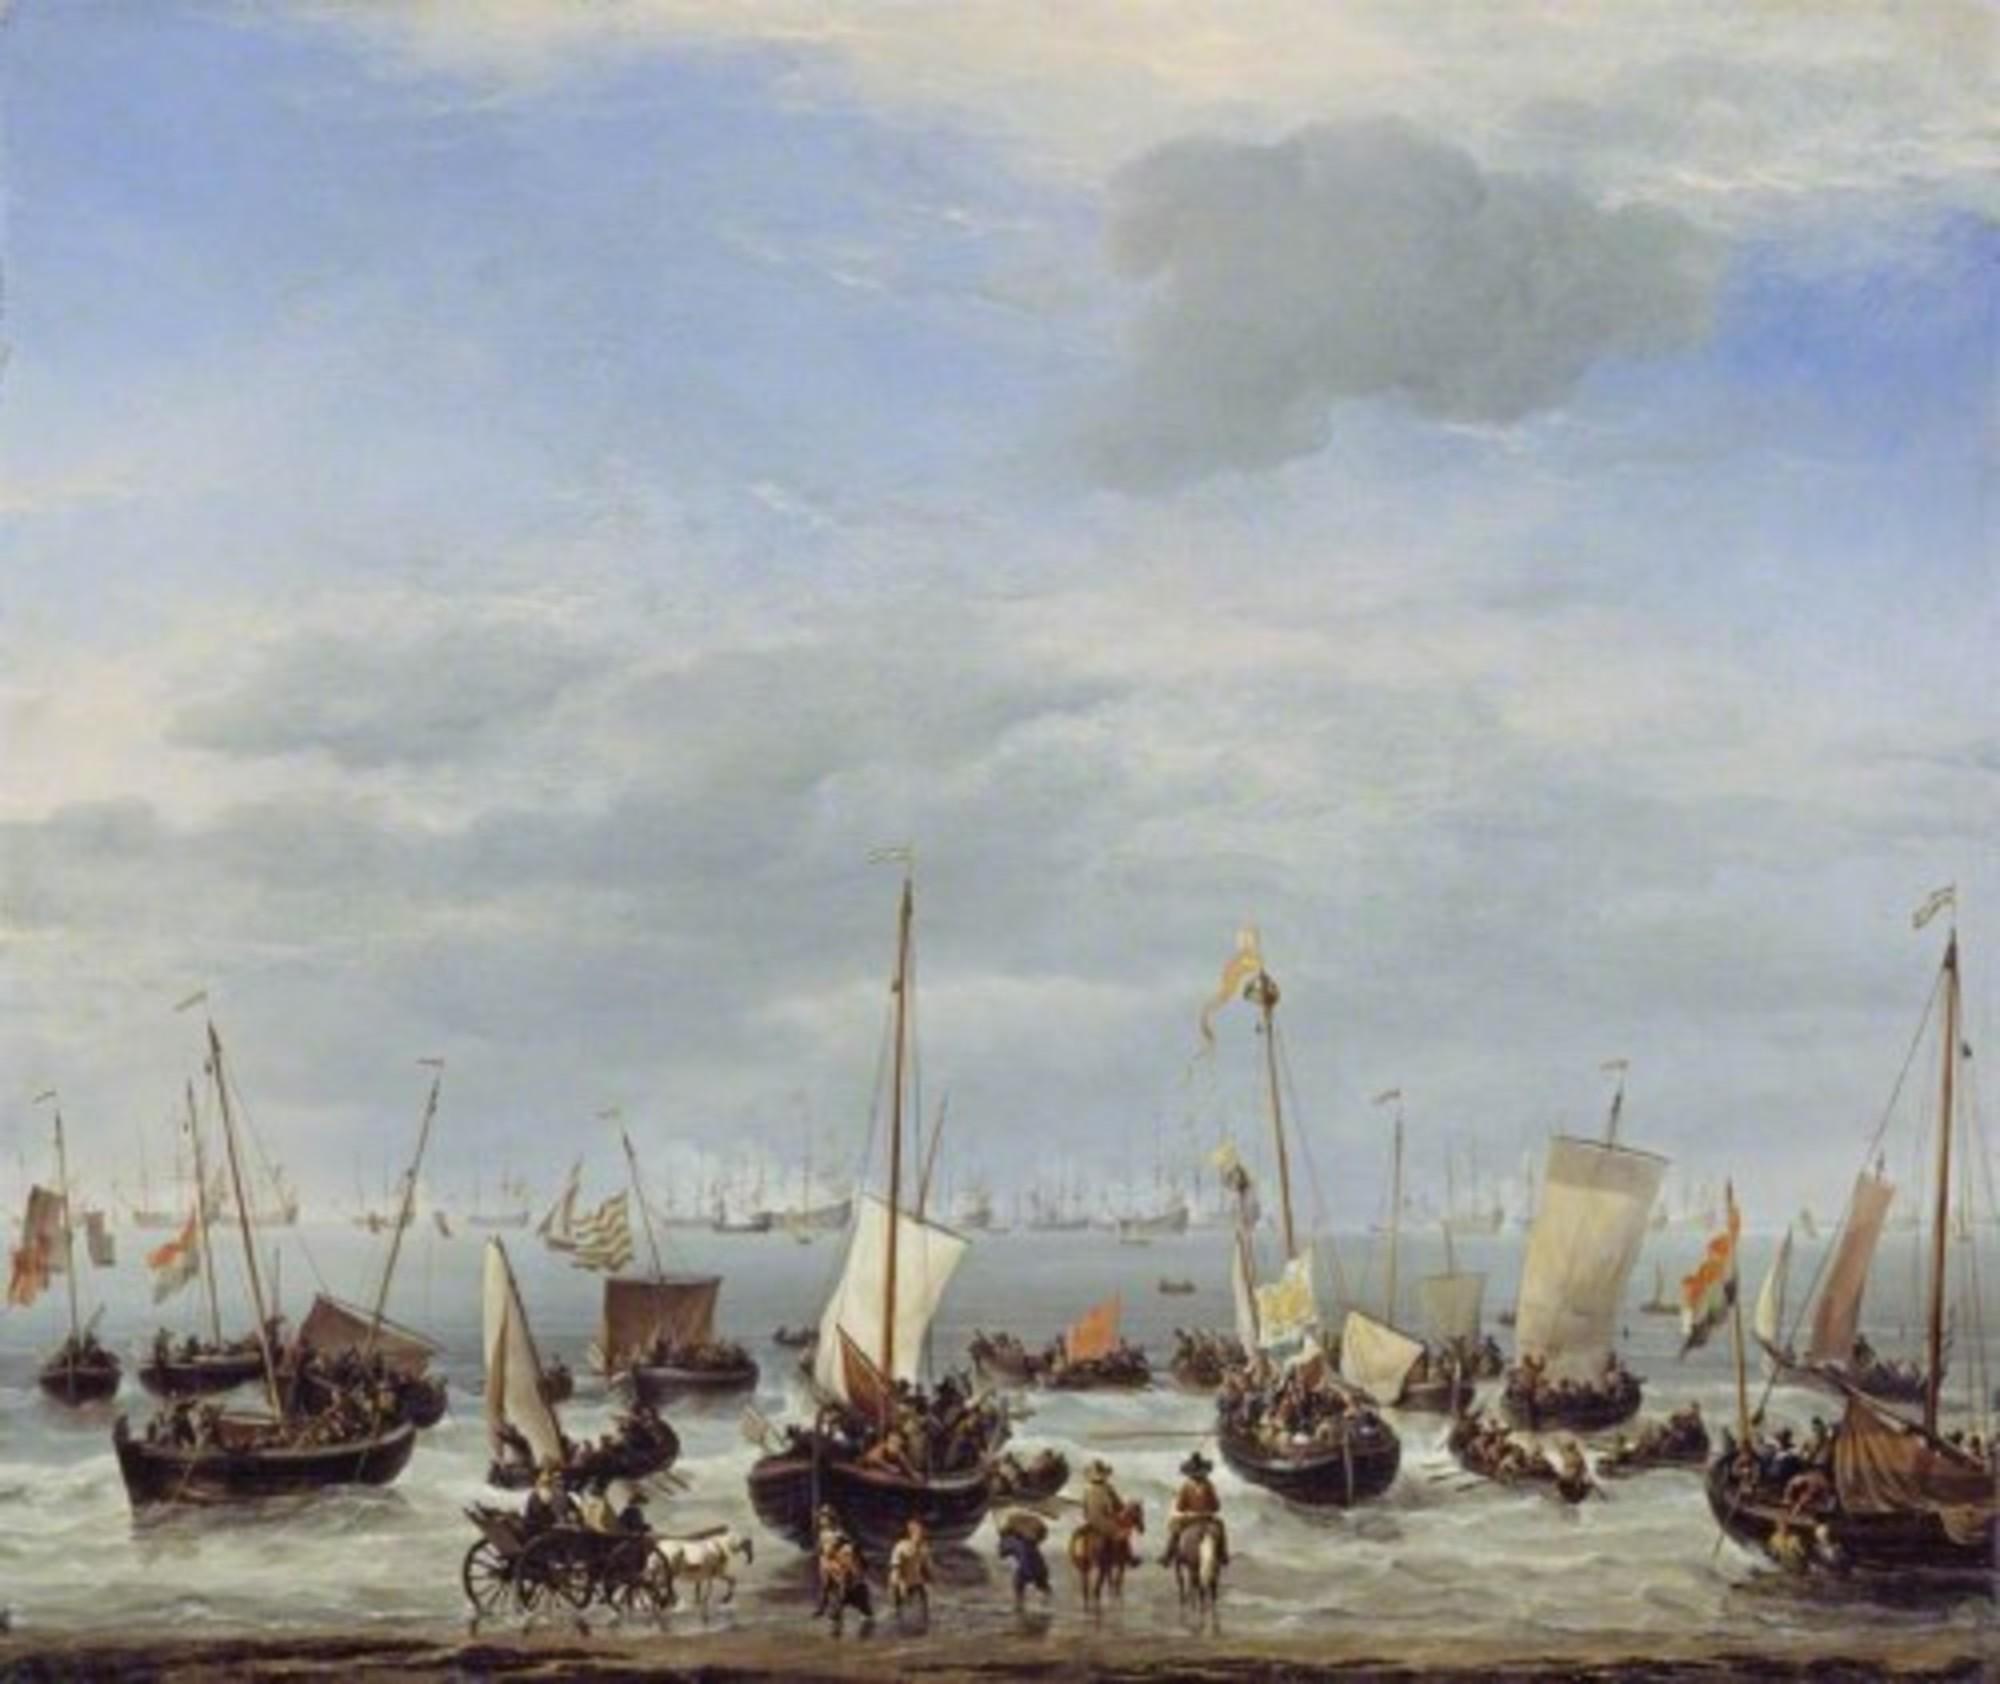 Willem-van-de-Velde-II---The-Embarkation-of-Charles-II-at-Scheveningen-WLC-WLC-P194.jpg